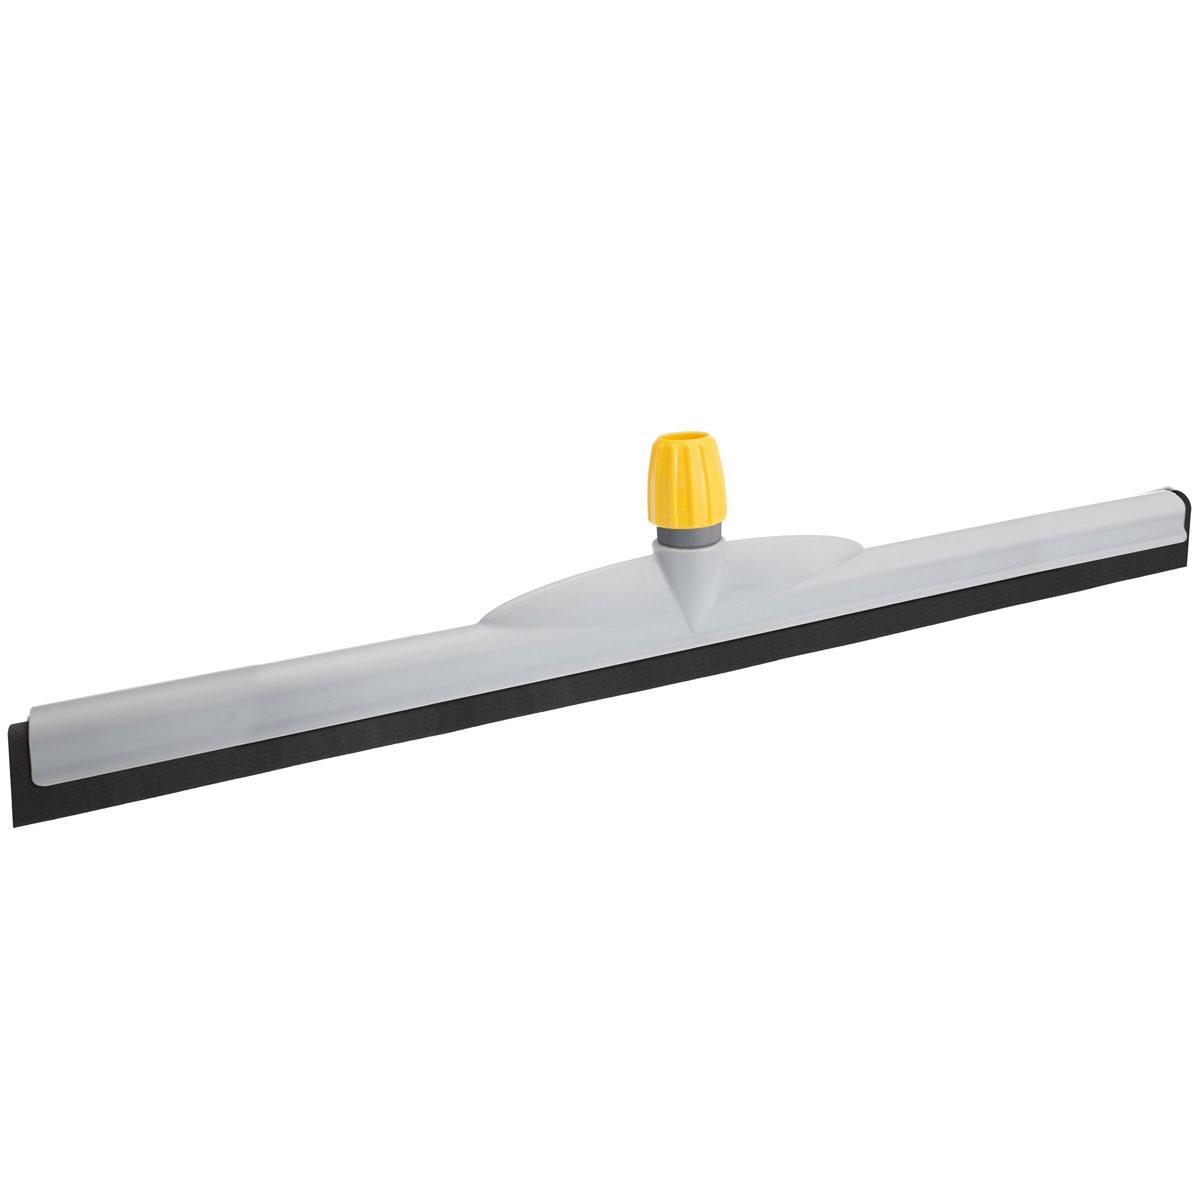 Сгон Apex для воды, 75 см. 11219-A11219-AСгон для воды Apex предназначен для удаления воды в помещениях с ровными полами. Лезвие сгона сделано из мягкого, эластичного материала - неопрена, который плотно прилегает к убираемой поверхности, что позволяет делать уборку качественно и быстро. Наиболее эффективна уборка воды на твердых поверхностях из плитки, гладкого бетона, линолеума и т.д. Допускается использование указанного сгона также и вне зданий (парадные зданий, на автомойках, на открытых площадках, уложенных плиткой). Для сгона подходят следующие модели ручек: - Ручка Apex для швабры, хромированная сталь, 120 см. 11511-А; - Ручка Apex для швабры. 11512-А; - Ручка Apex для швабры. 11515-А; - Ручка для швабры Apex, 150 см. 14000-A; - Ручка раздвижная Apex для швабры, цвет: желтый, серый, 130 см. 11520-A..